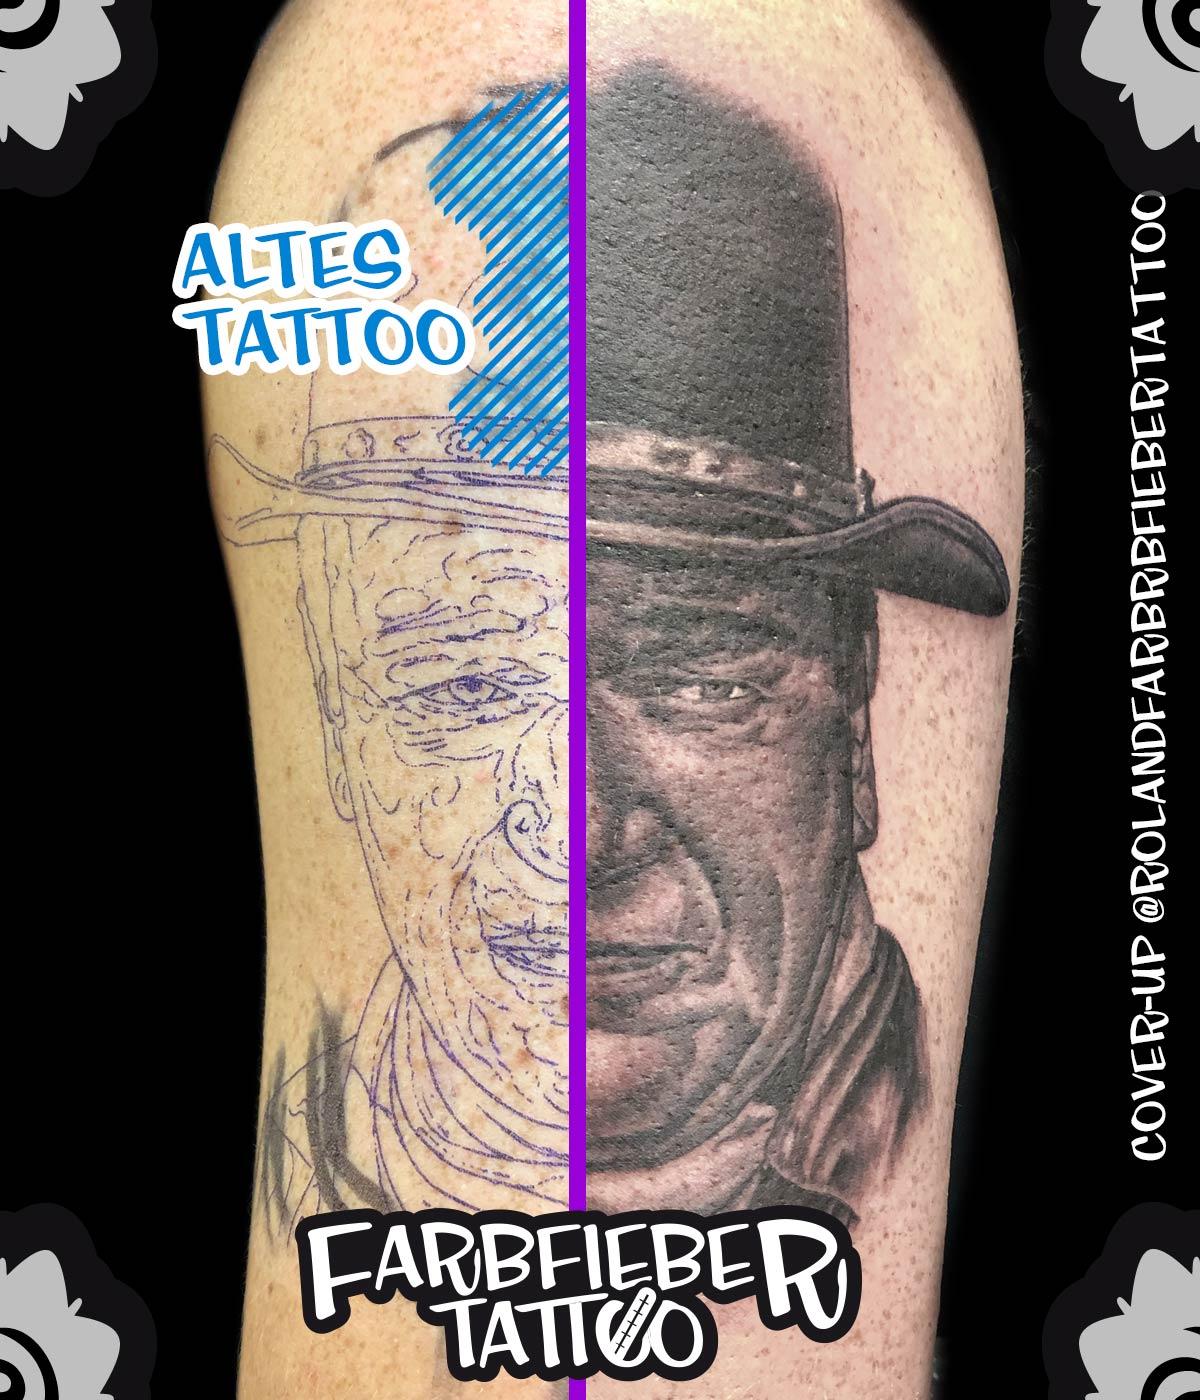 John Wayne Überdeckung gestochen tätowiert von Roland Inhaber Farbfieber Tattoo